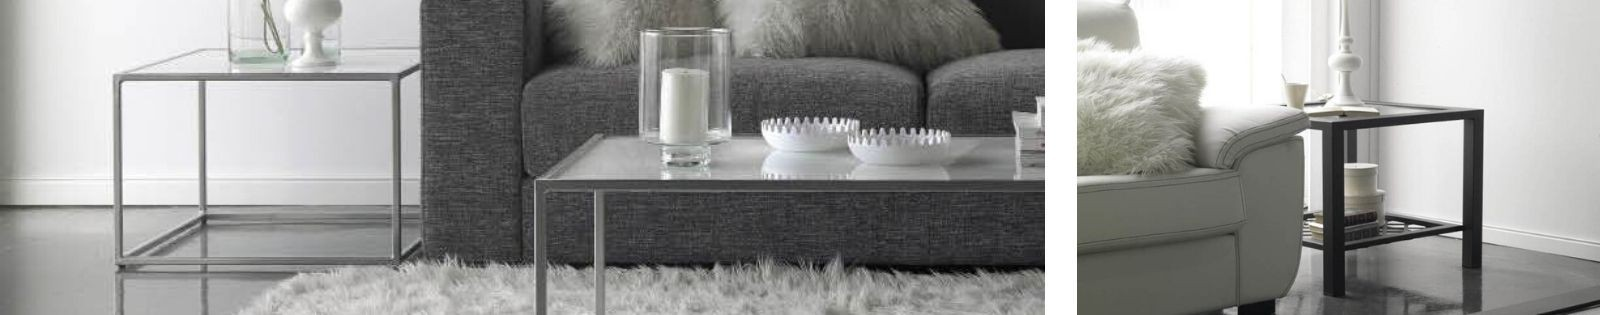 Bout de canapé Fer Forgé : Haut de gamme de fabrication artisanale.